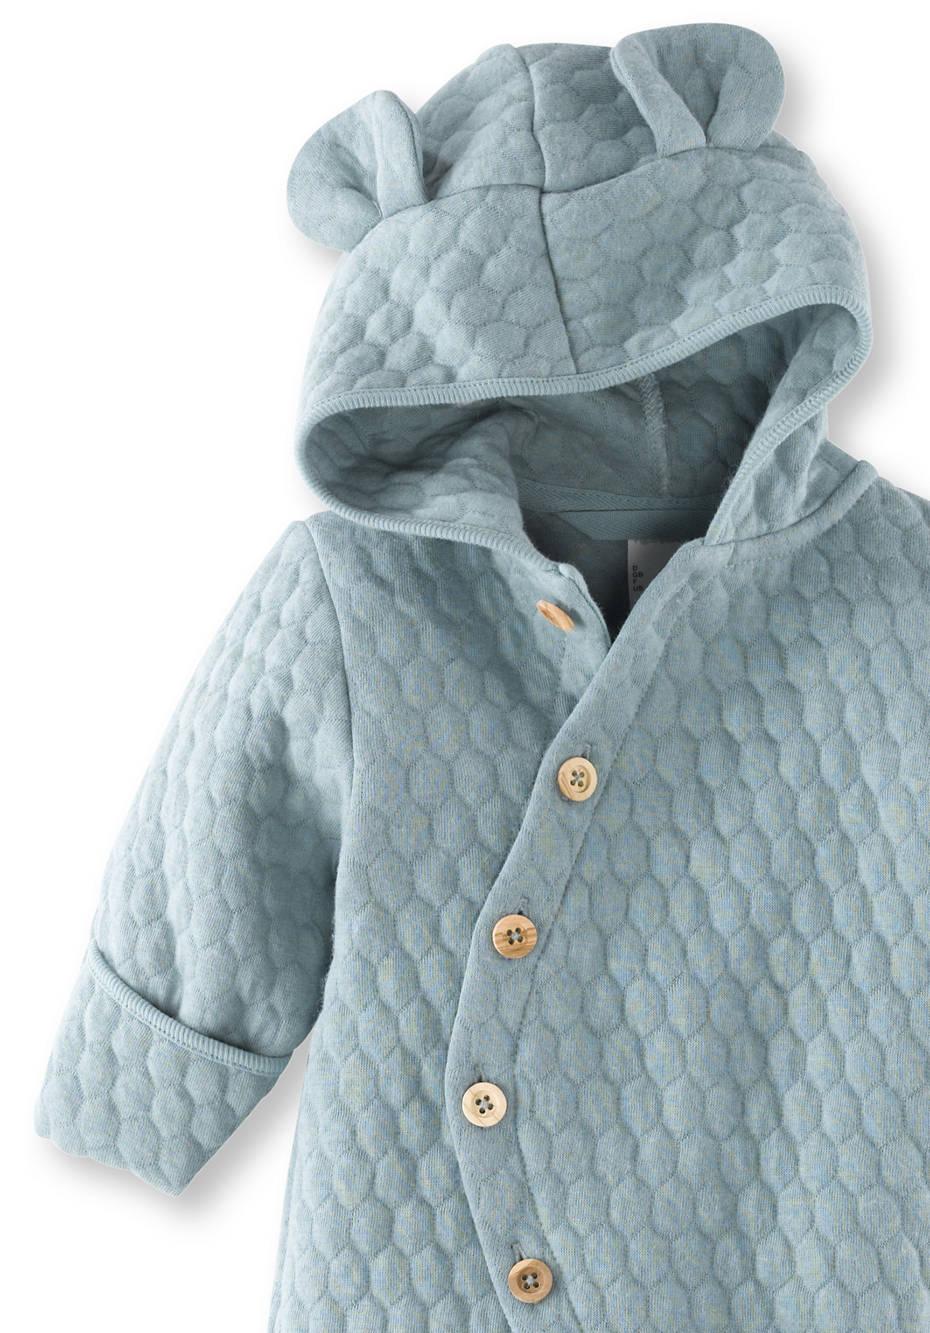 Wattierter Overall aus Bio-Baumwolle mit Bio-Merionowolle